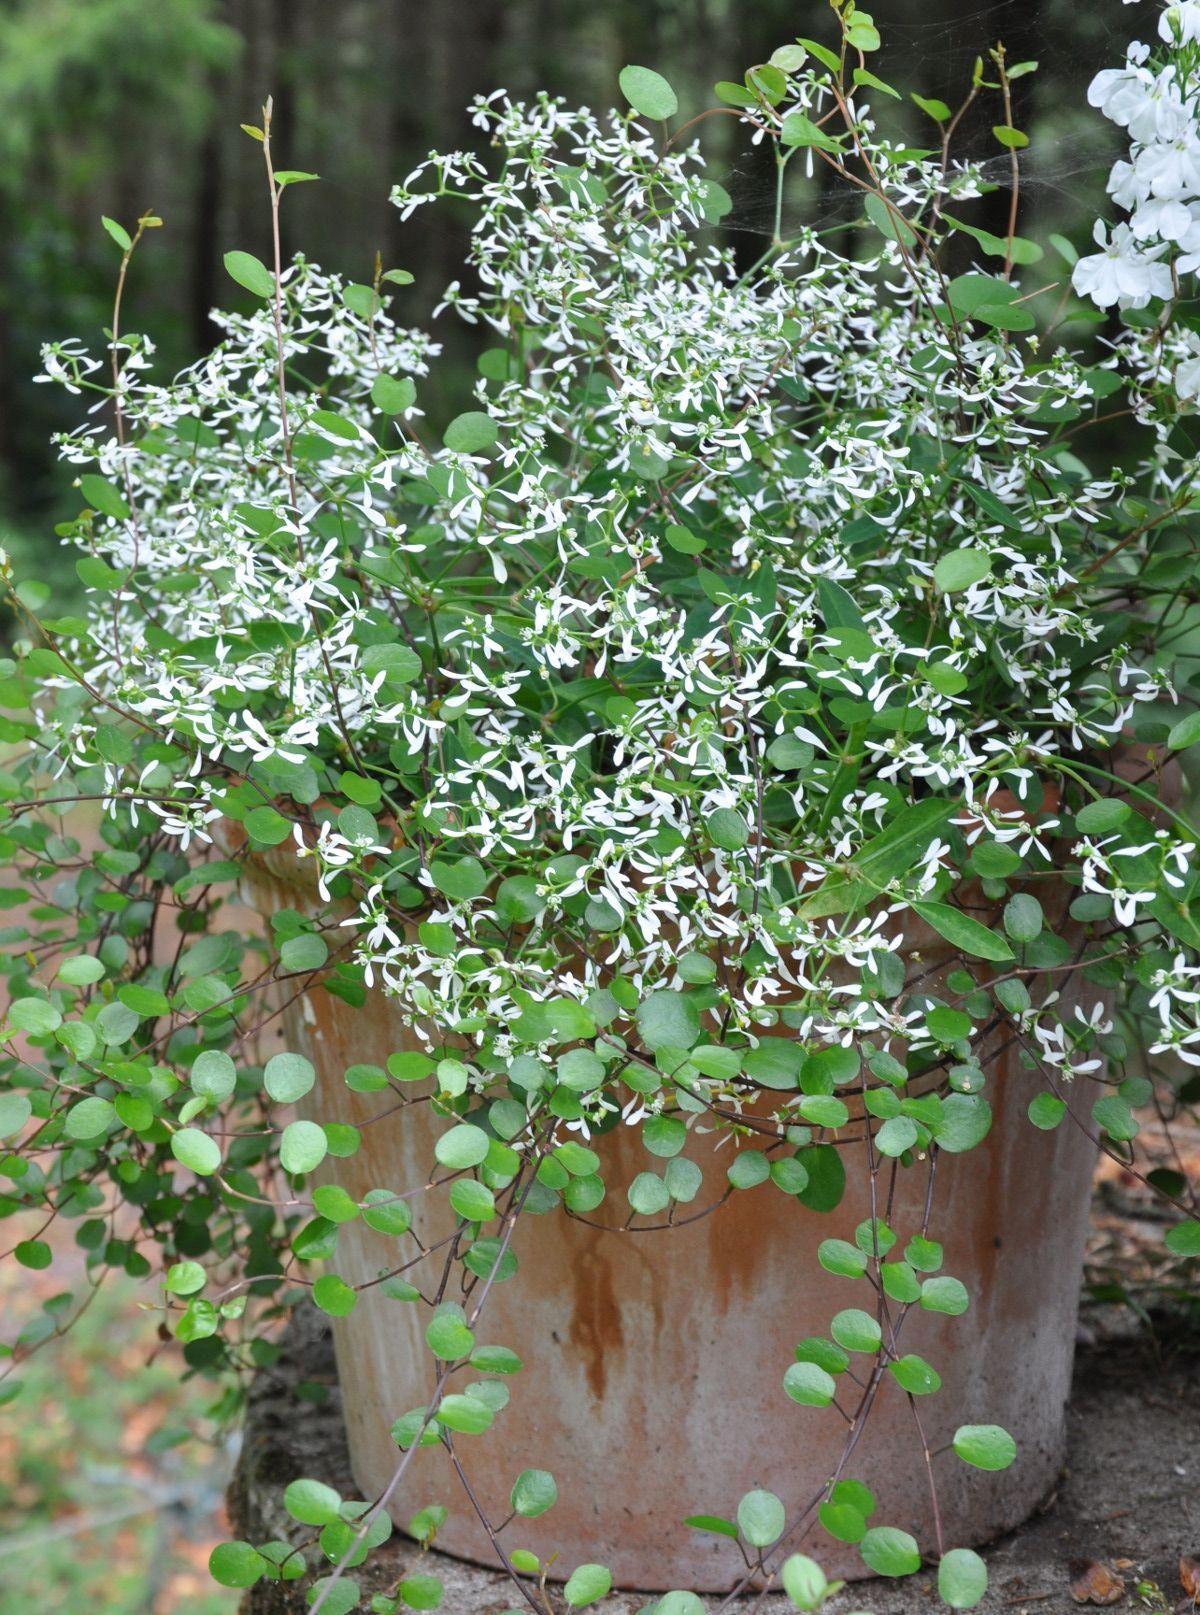 Snotorel Slideranka Tradgard I Kruka Plantera Blommor Plantering